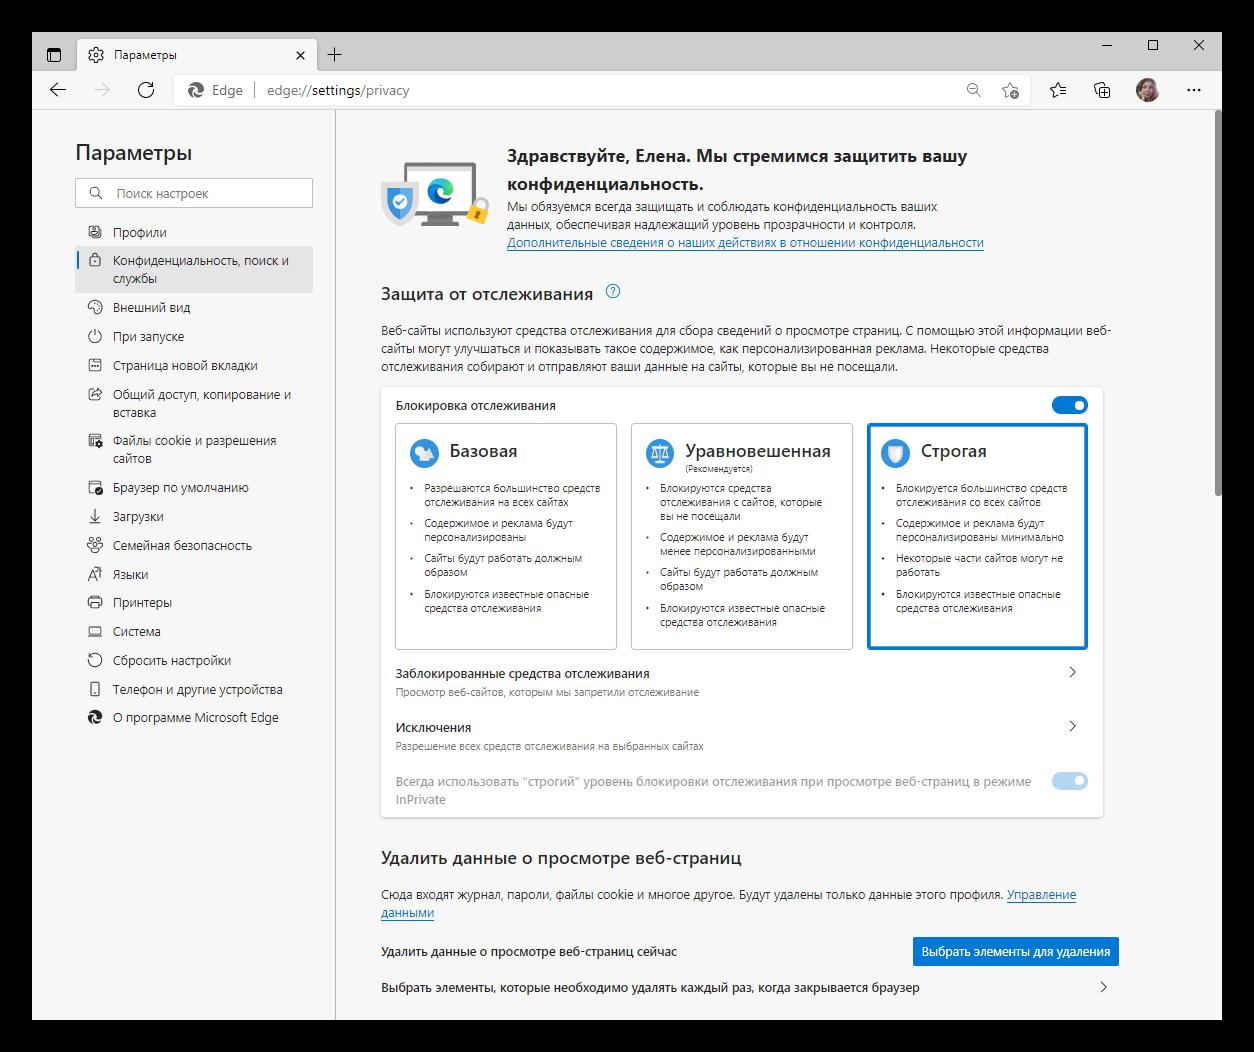 Параметры конфиденциальность и безопасность Microsoft Edge